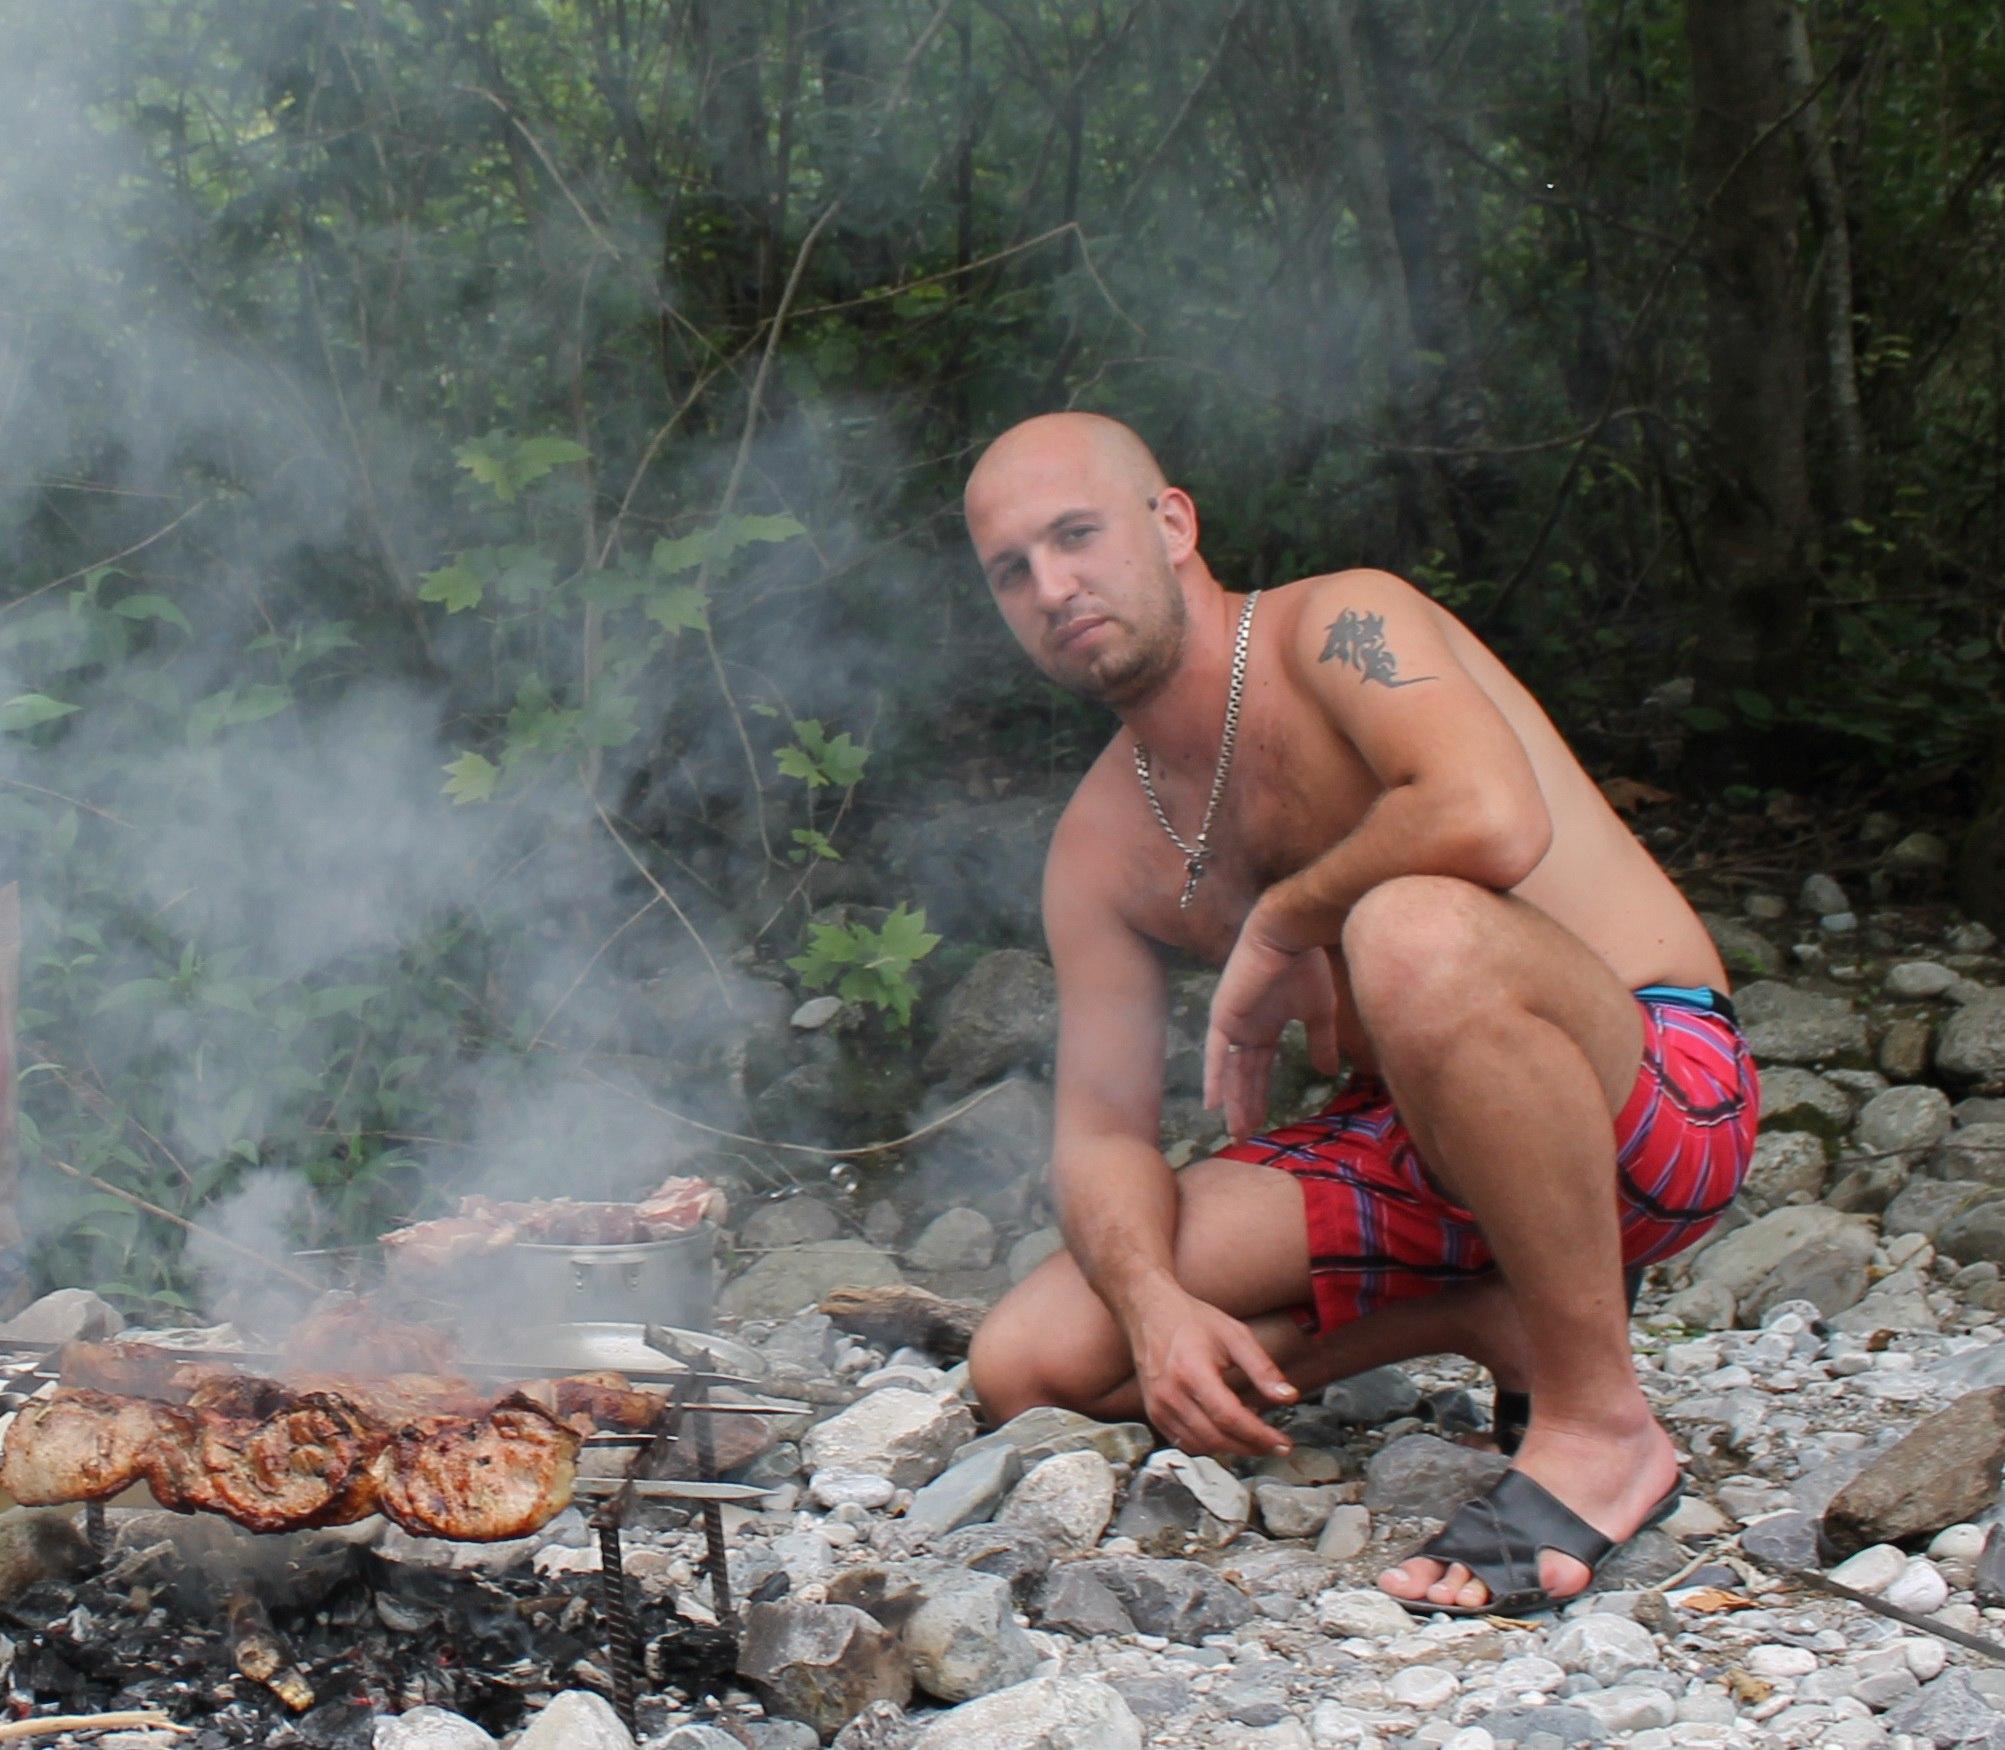 Фото парней 30 лет реальных (20 фото) - Дмитрий, 35 лет, Ессентуки